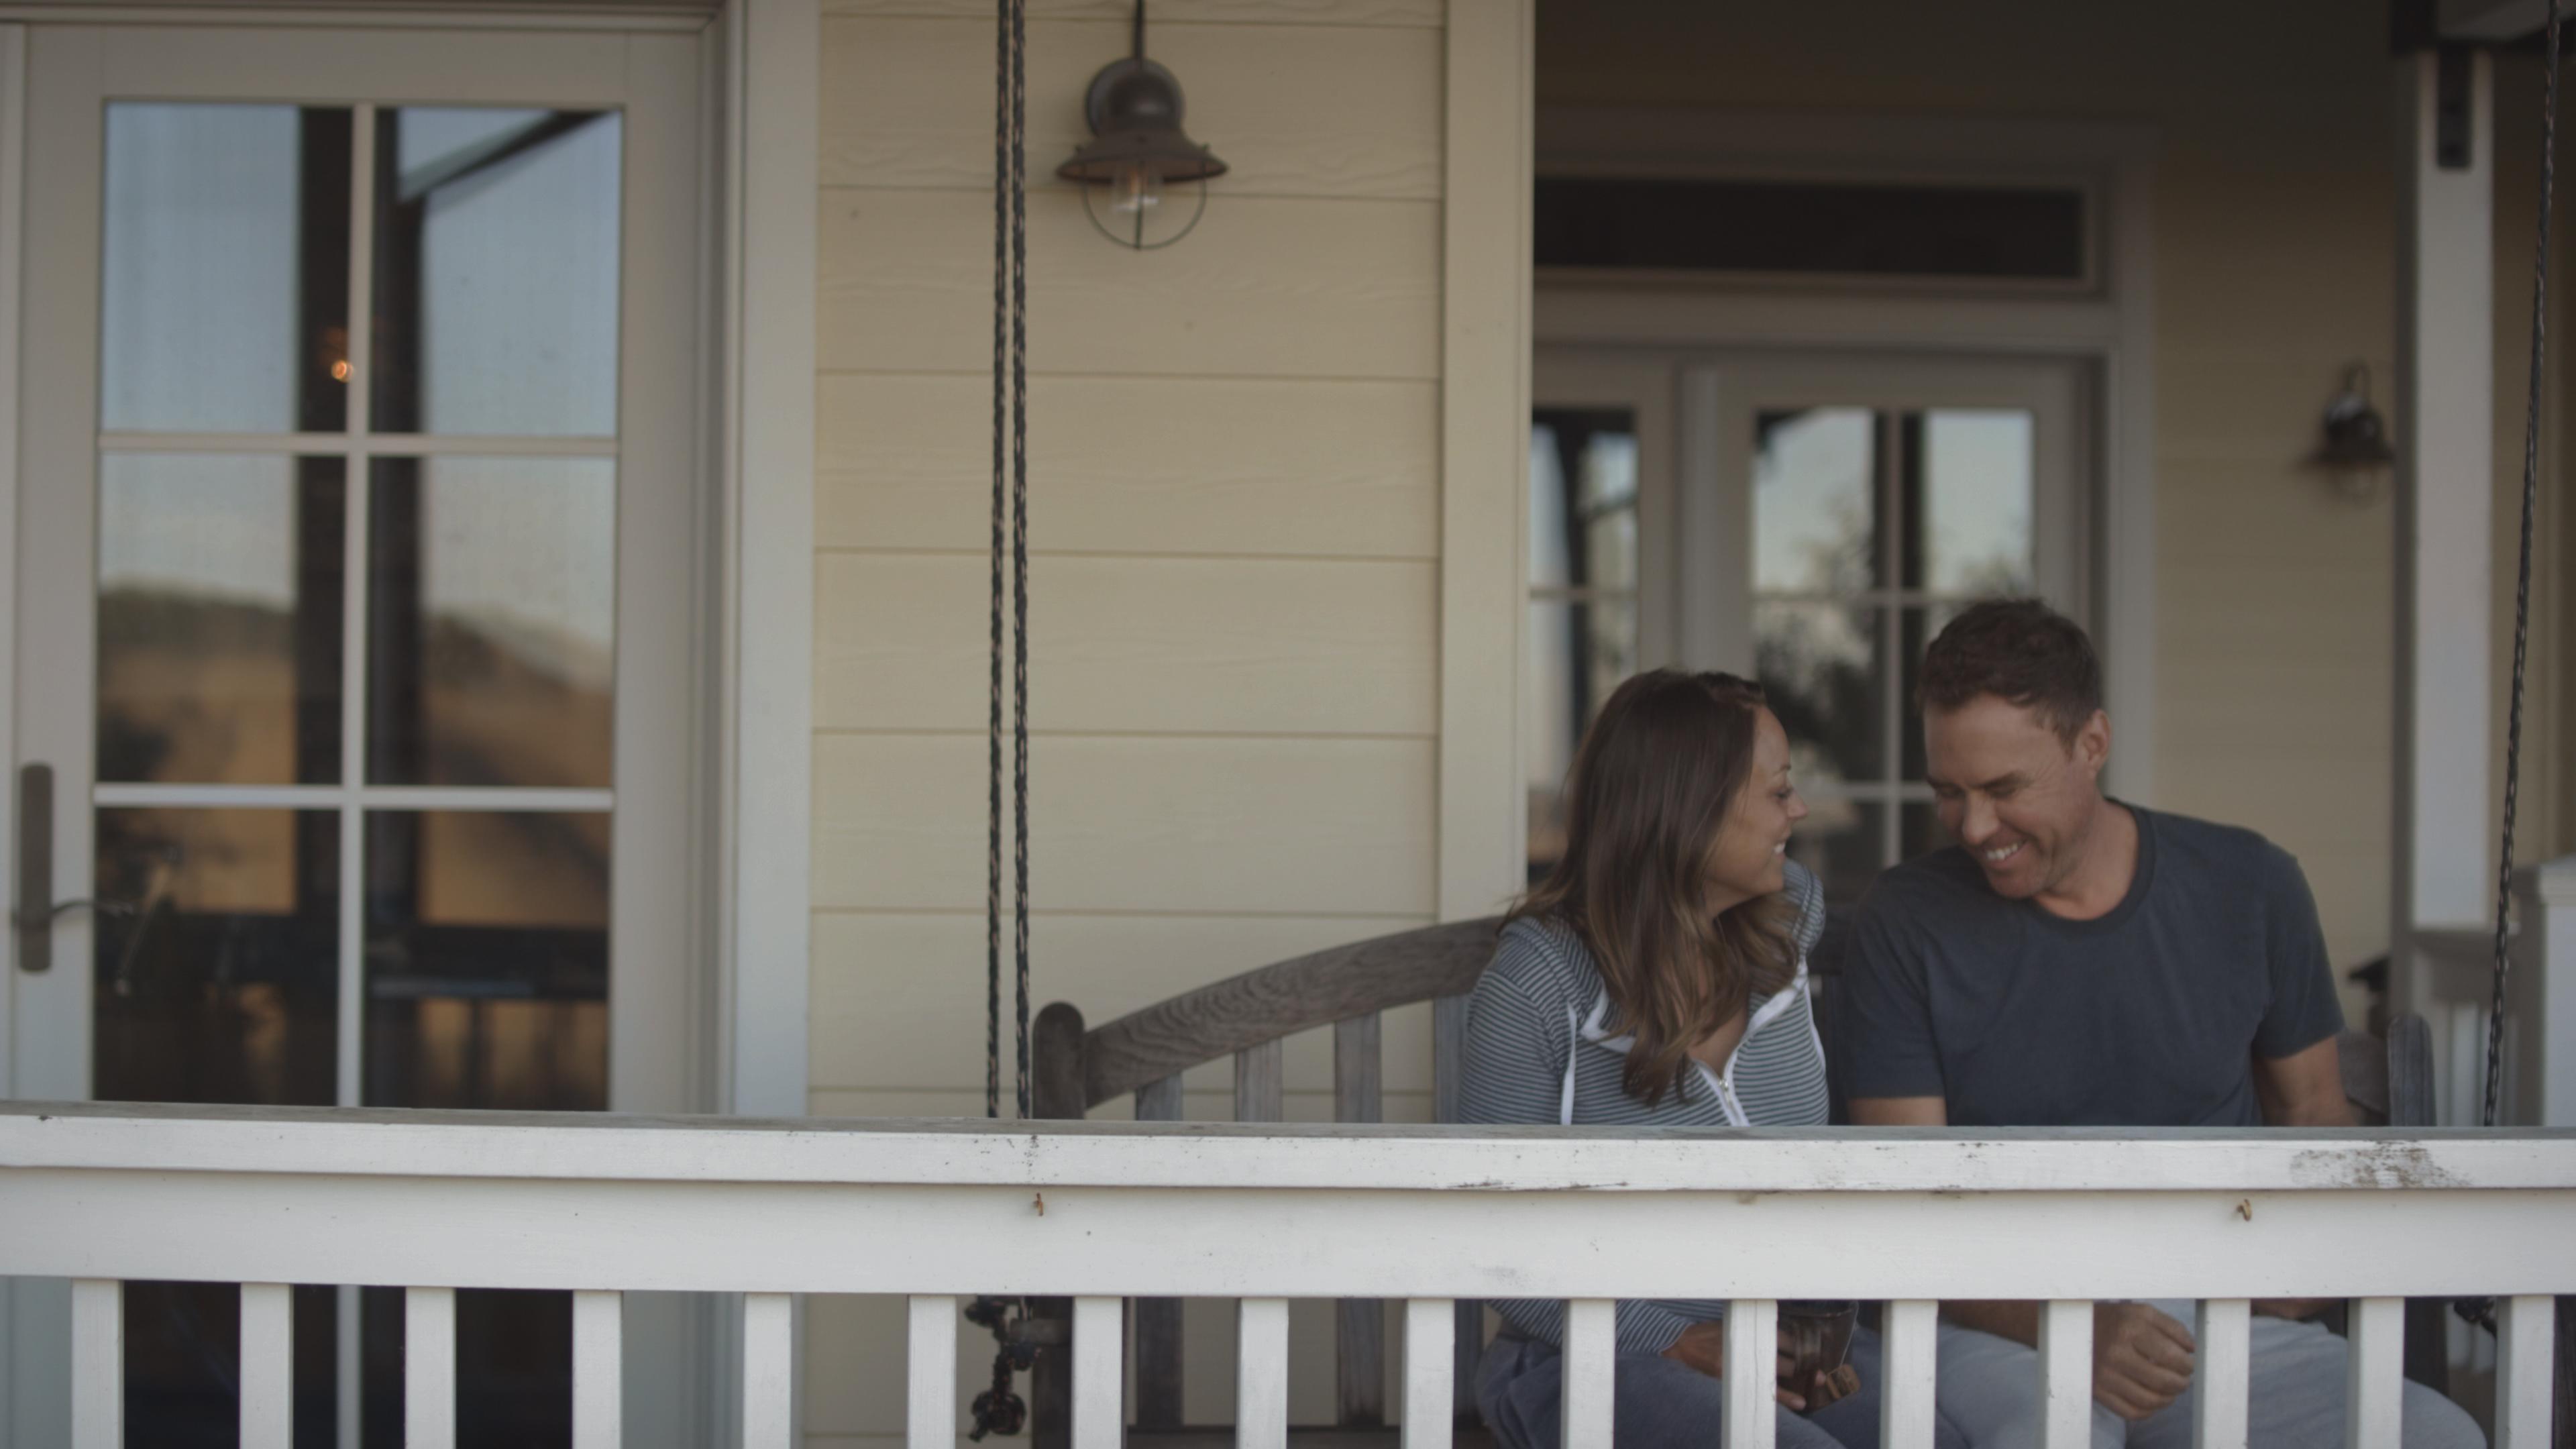 Porch Swing WS.jpg